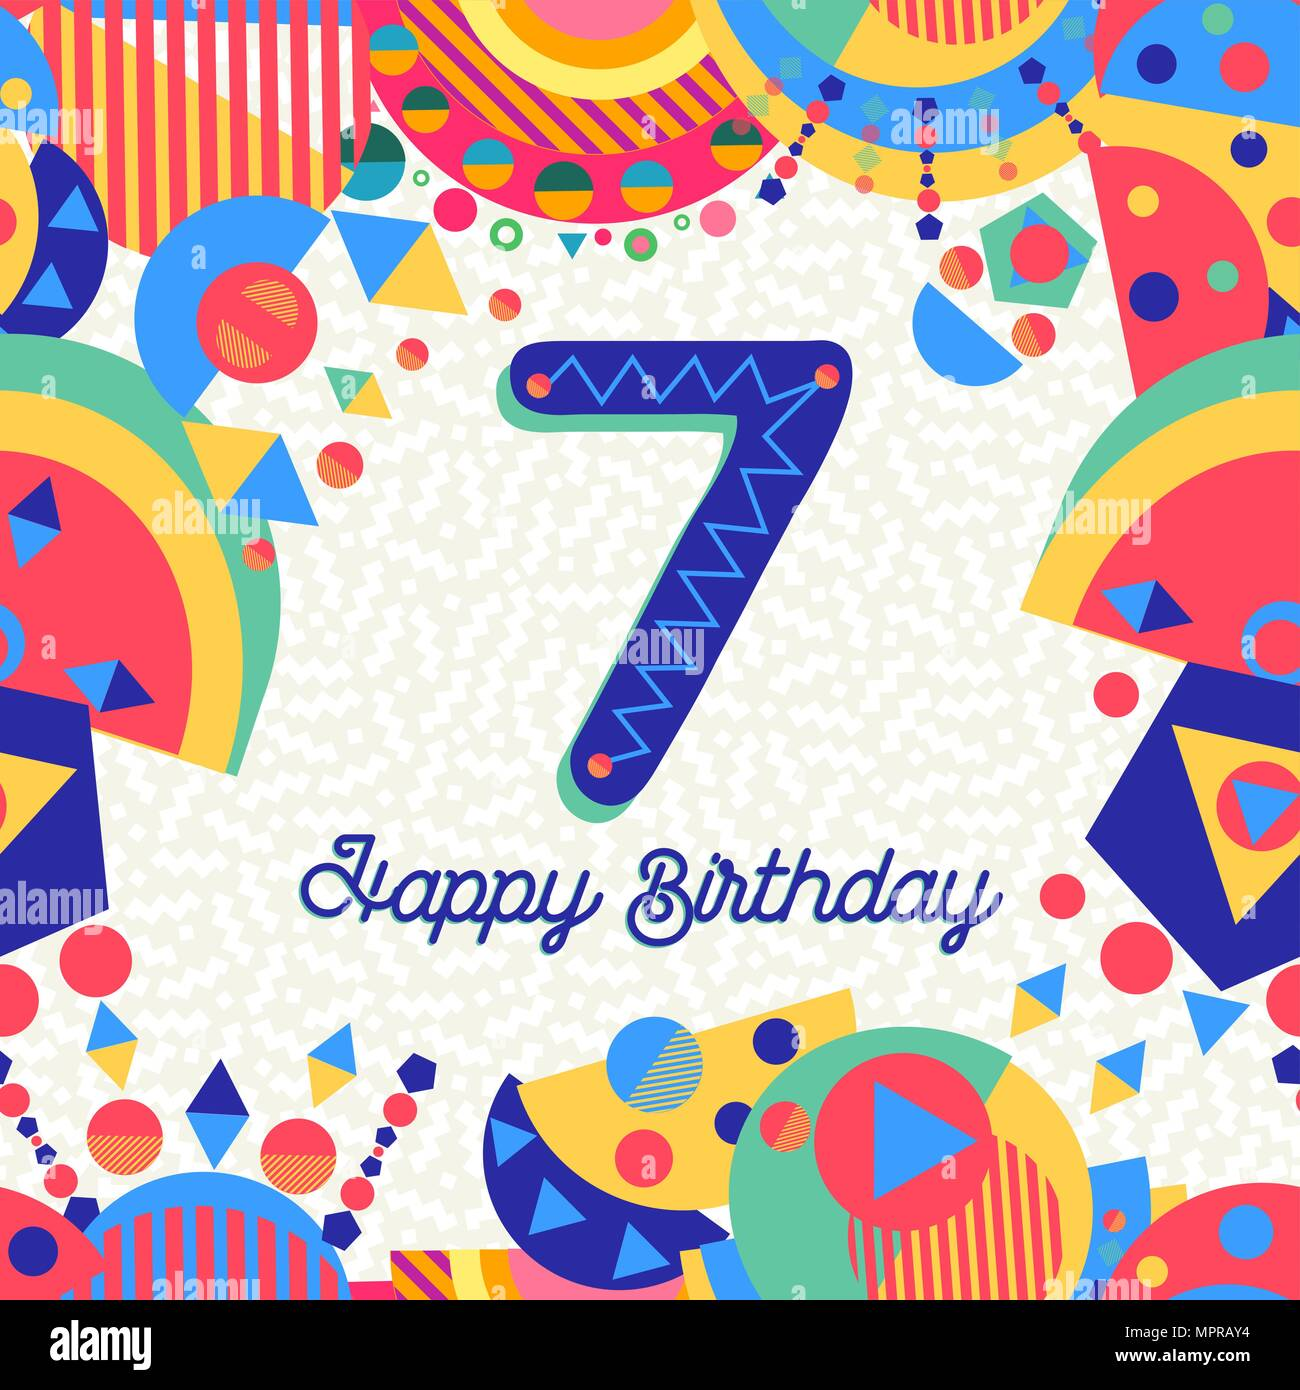 Auguri Buon Compleanno 7 Anni.Buon Compleanno Sette 7 Anno Design Divertente Con Il Numero